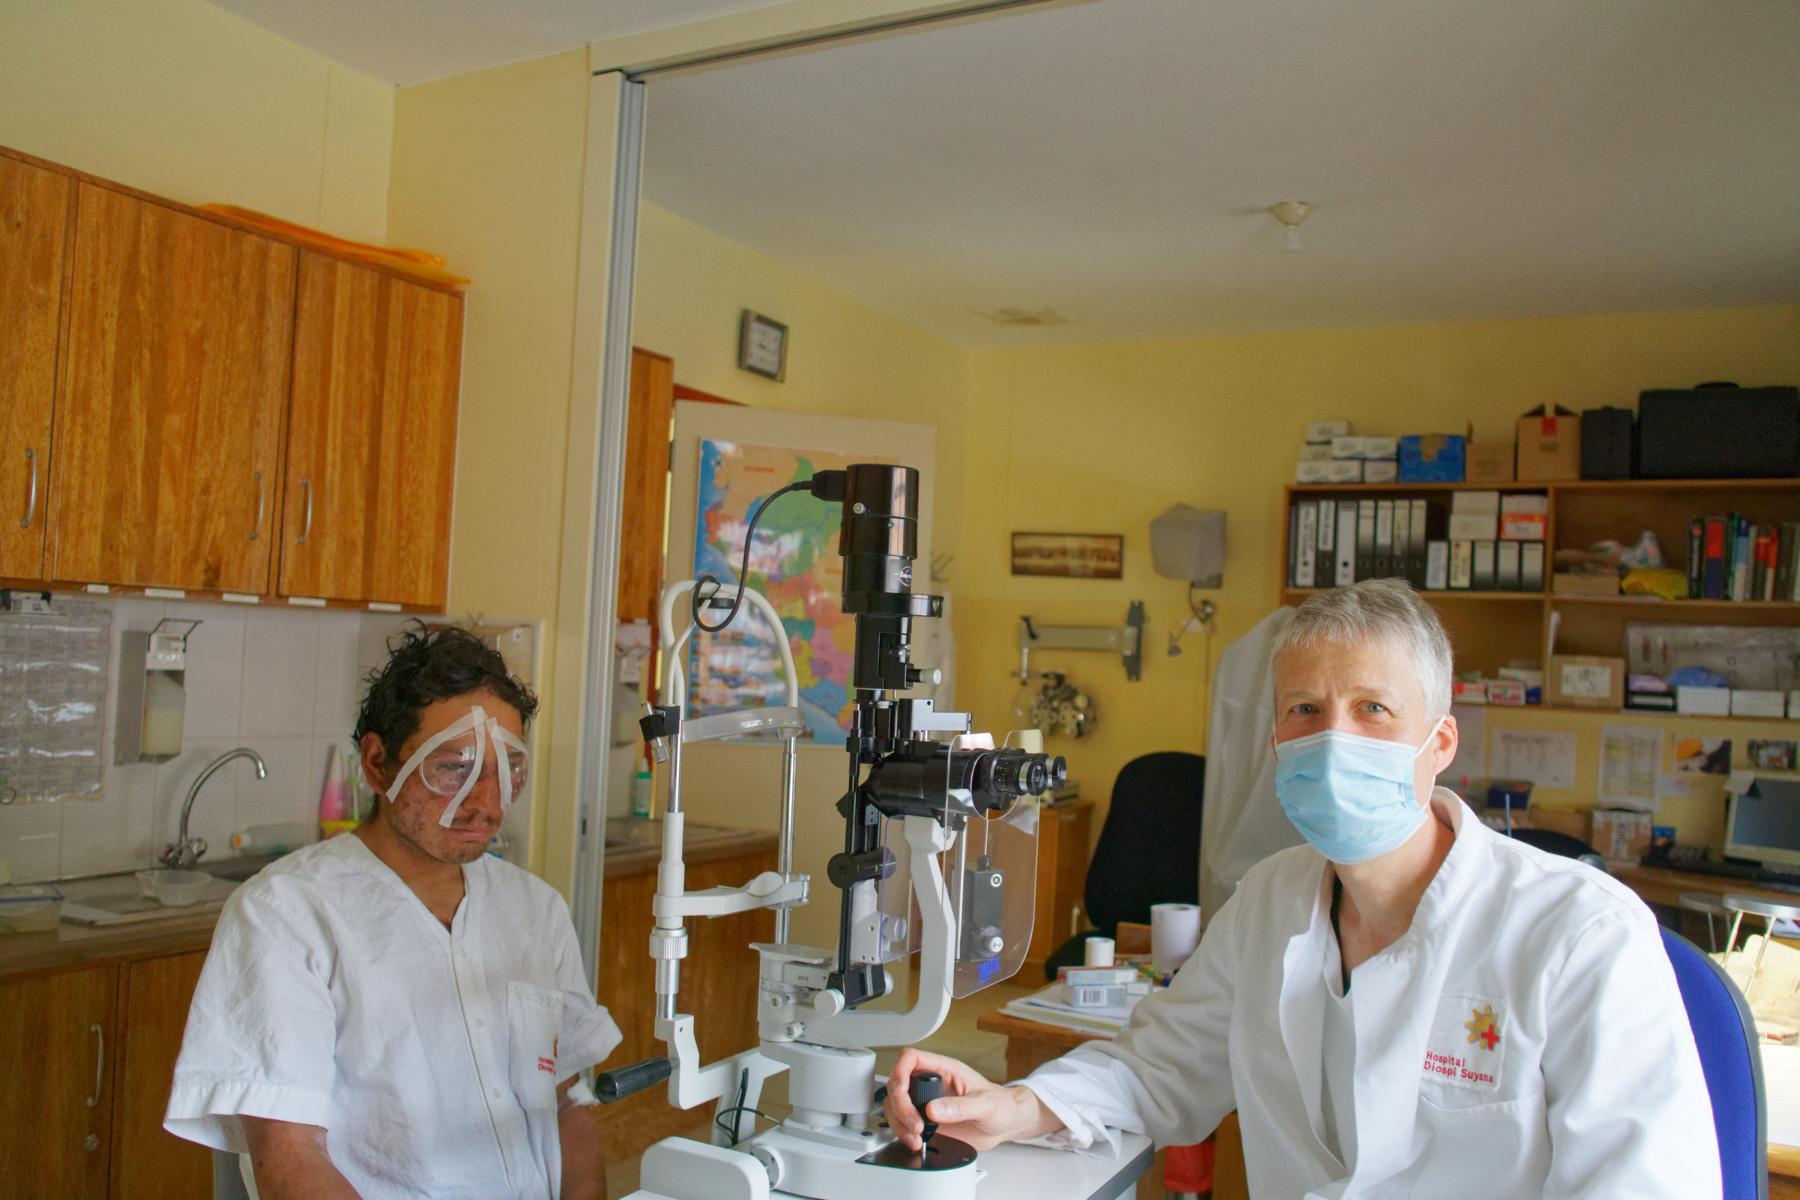 Werner muss beide Augen operieren. Karsamstag um 5 Uhr morgens endet die OP und die Nacht.  Am nächsten Tag. Auf dem Weg der Besserung Das Augenlicht ist gerettet.